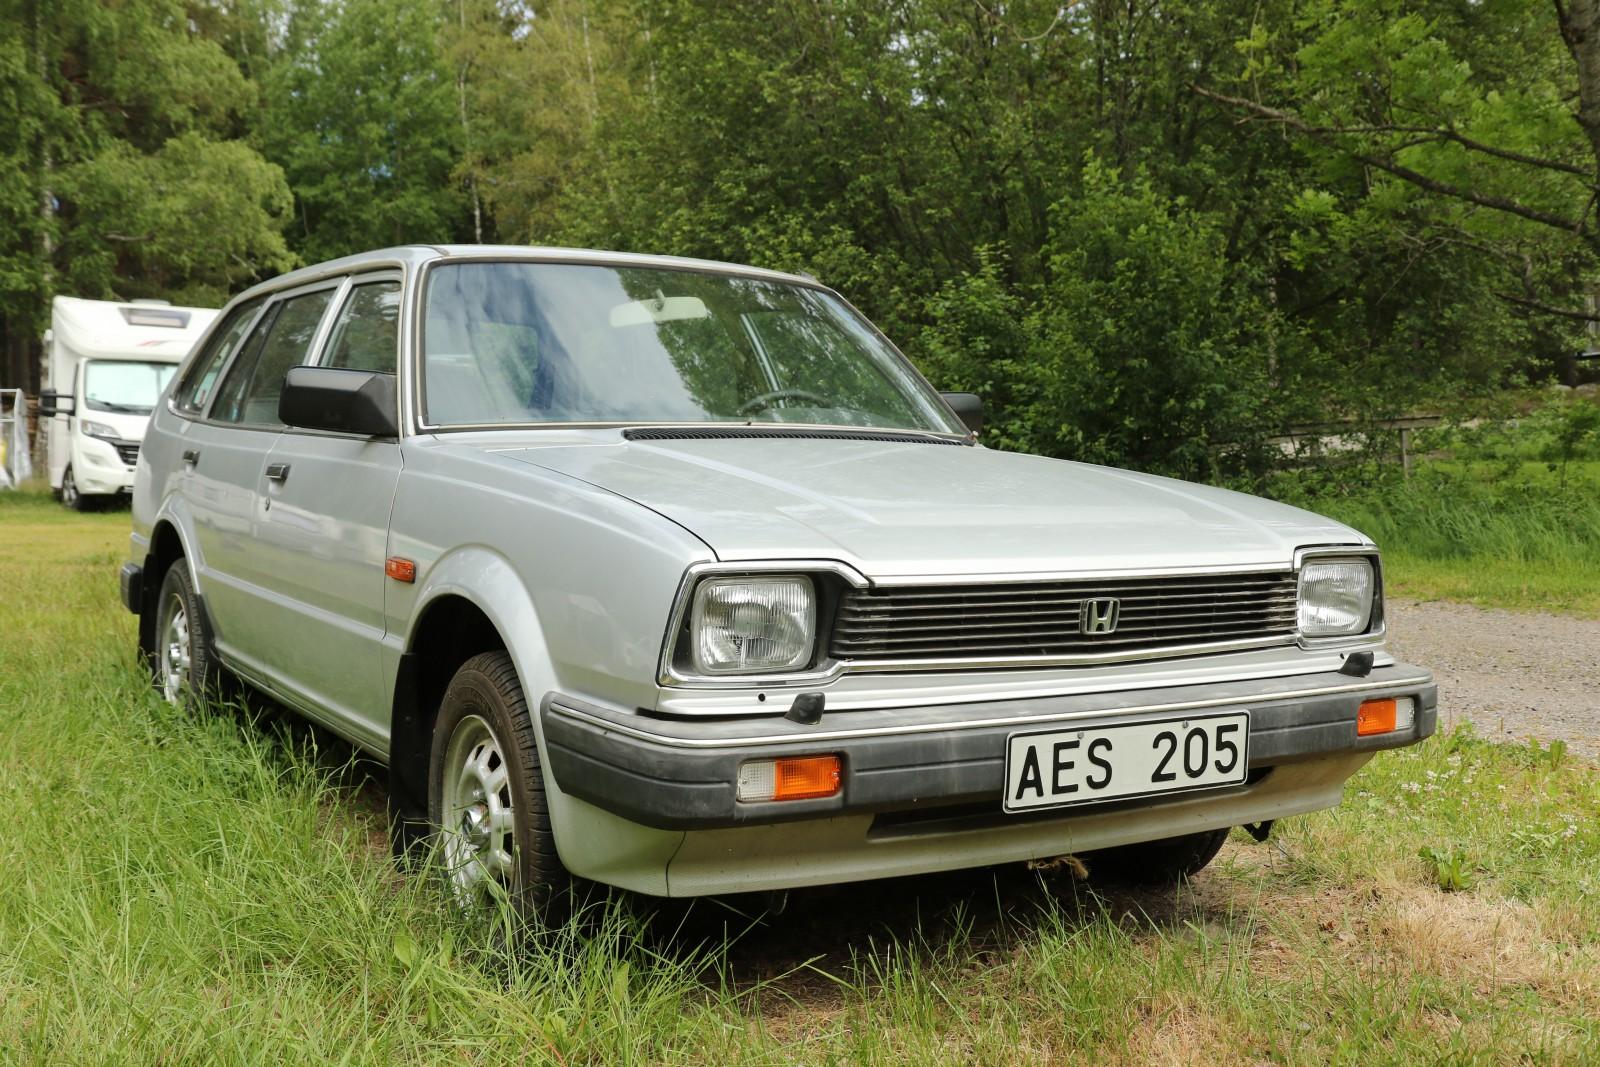 AES 205 är en Honda Civic Wagon 1982 med en mätarställning på bara 10,5 mil!